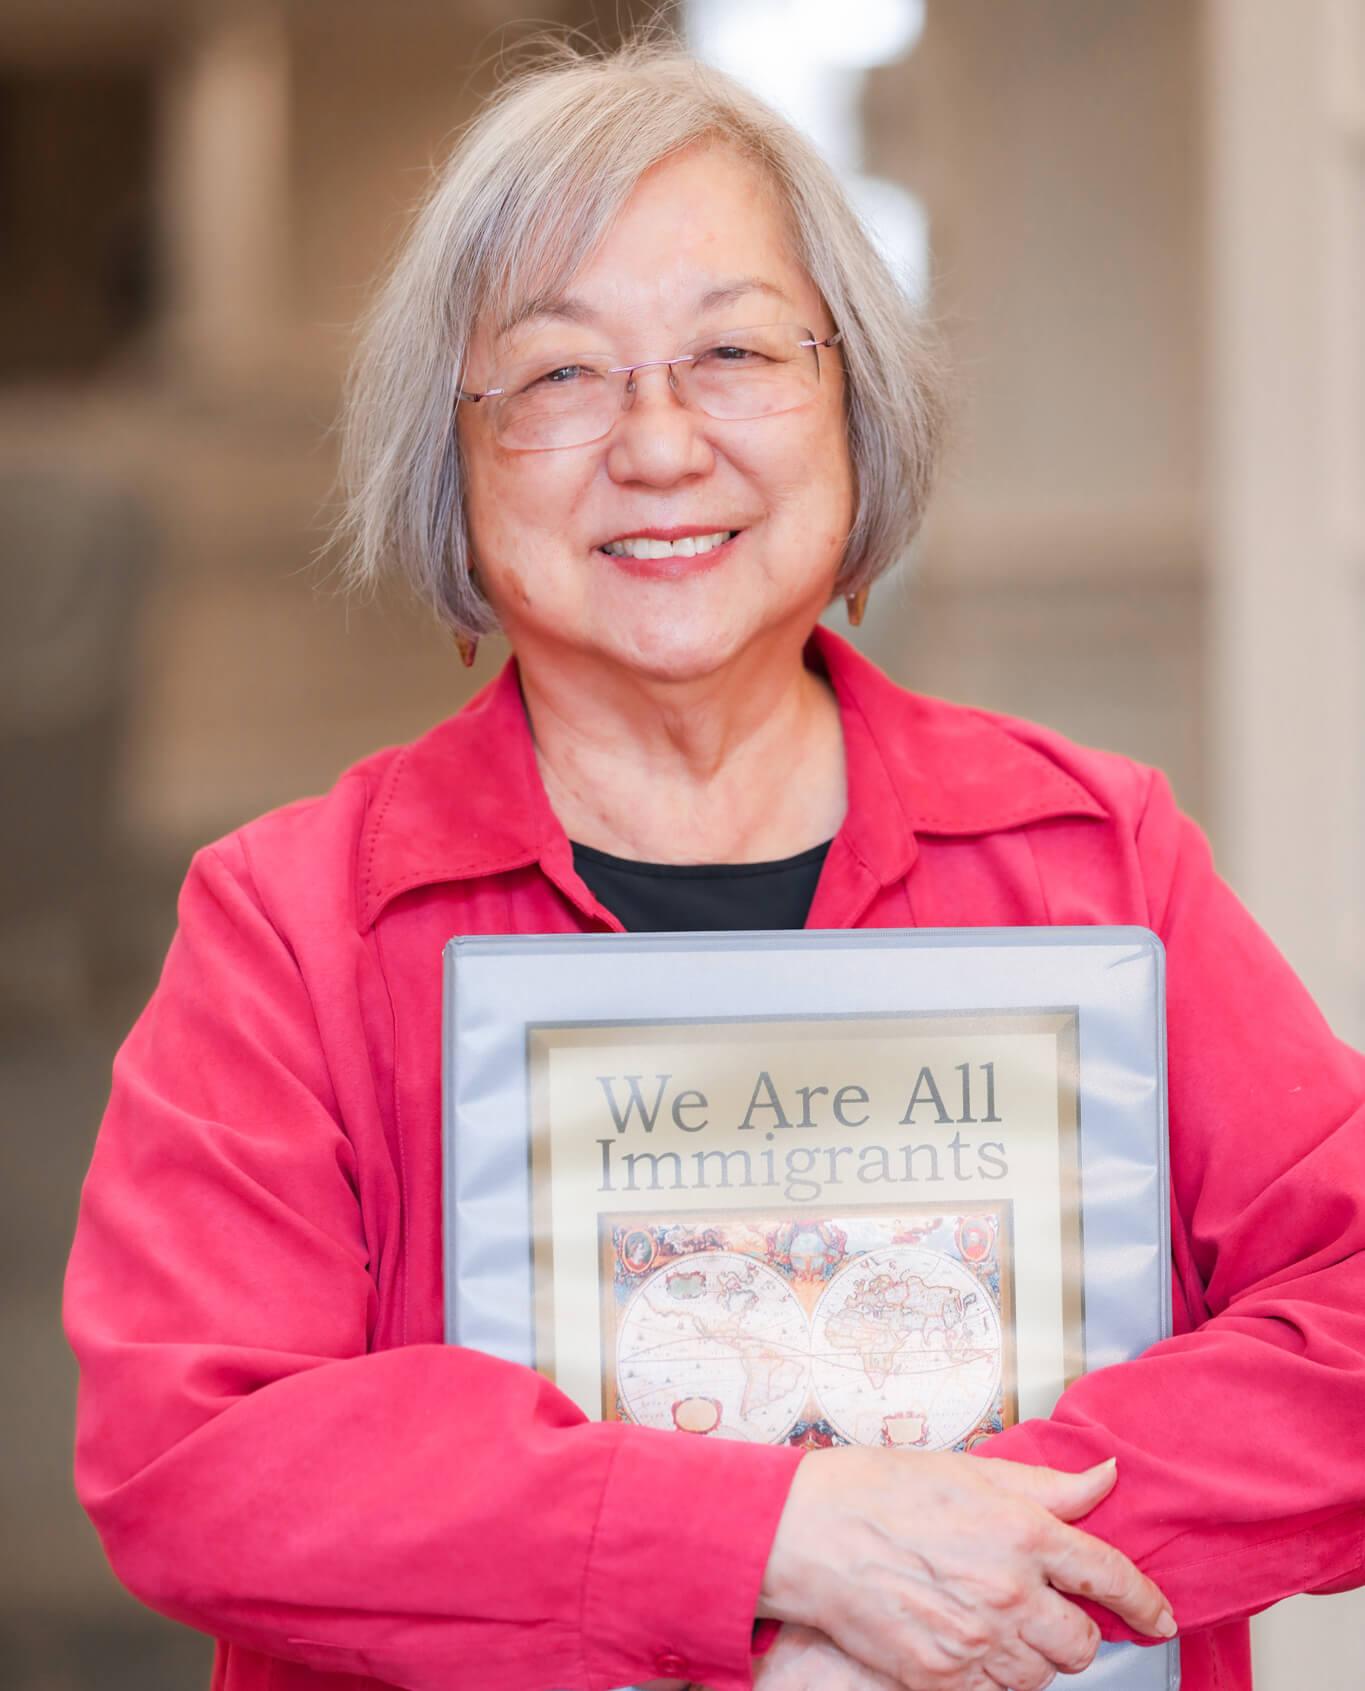 Margie Yamamoto Holding A Book